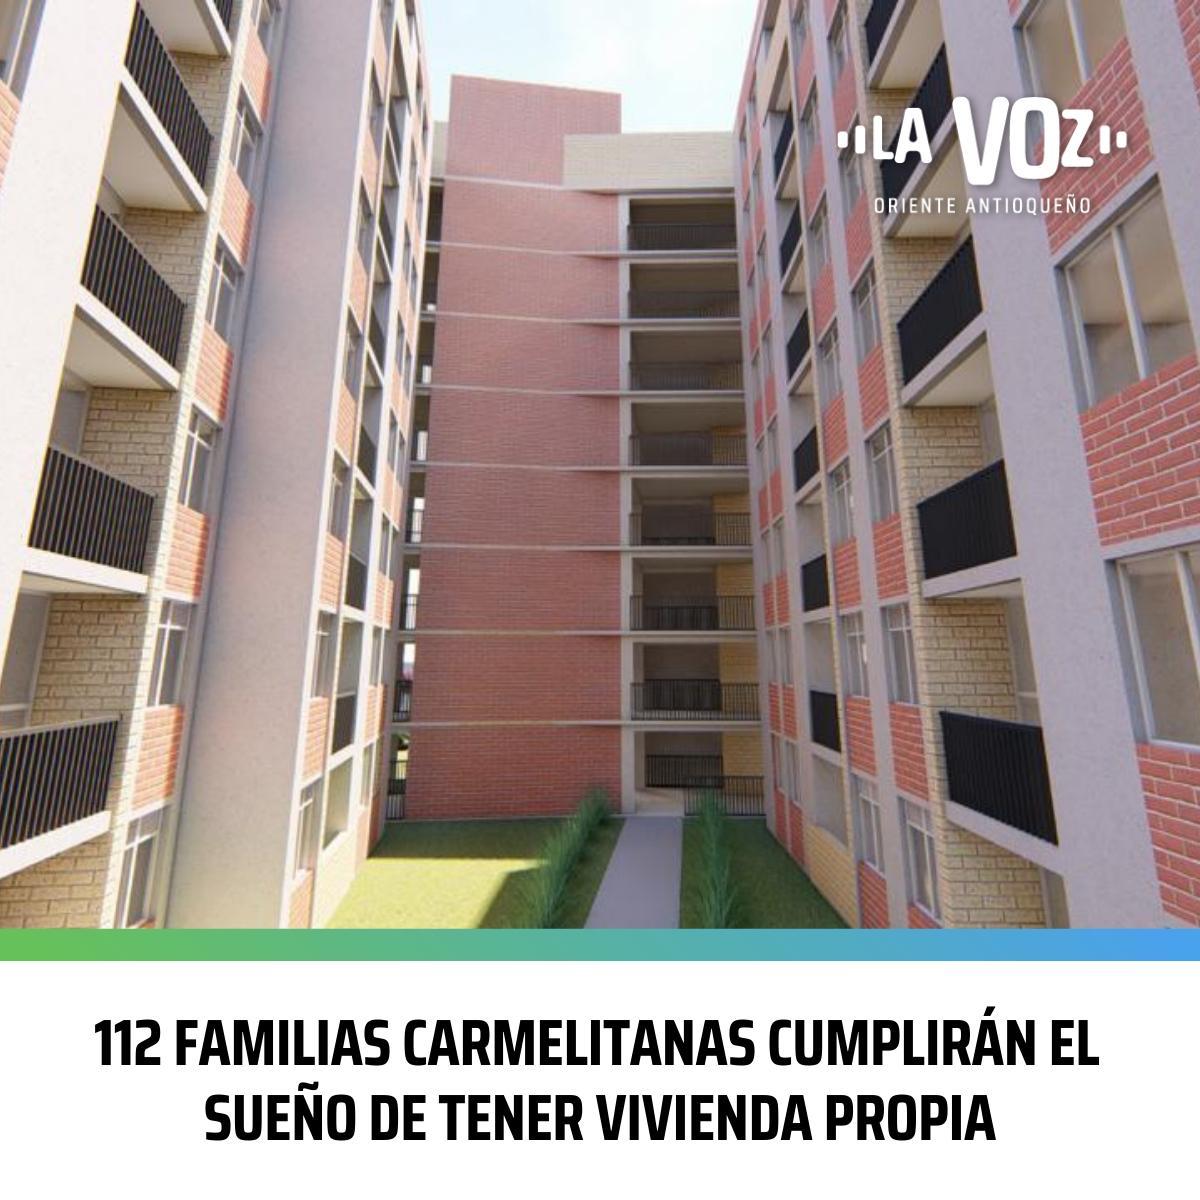 112 Familias Carmelitanas cumplirán el sueño de tener Vivienda propia